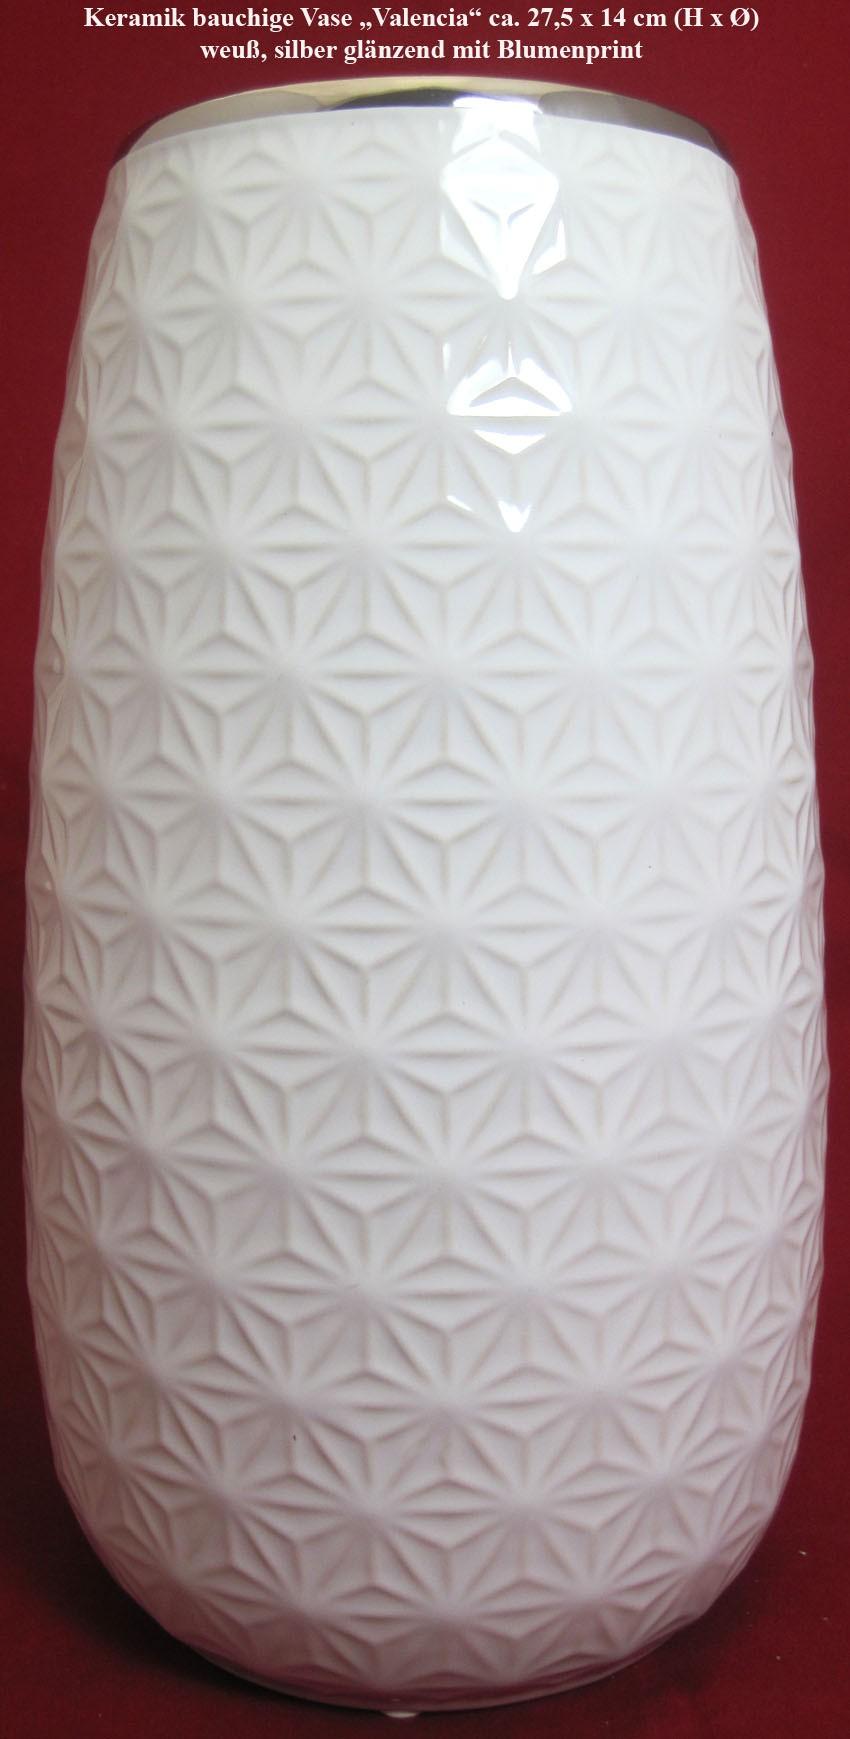 """Keramik bauchige Vase""""Valencia""""weiß/silber glänzend, Blumenprint 27x10cm (HxØ)"""